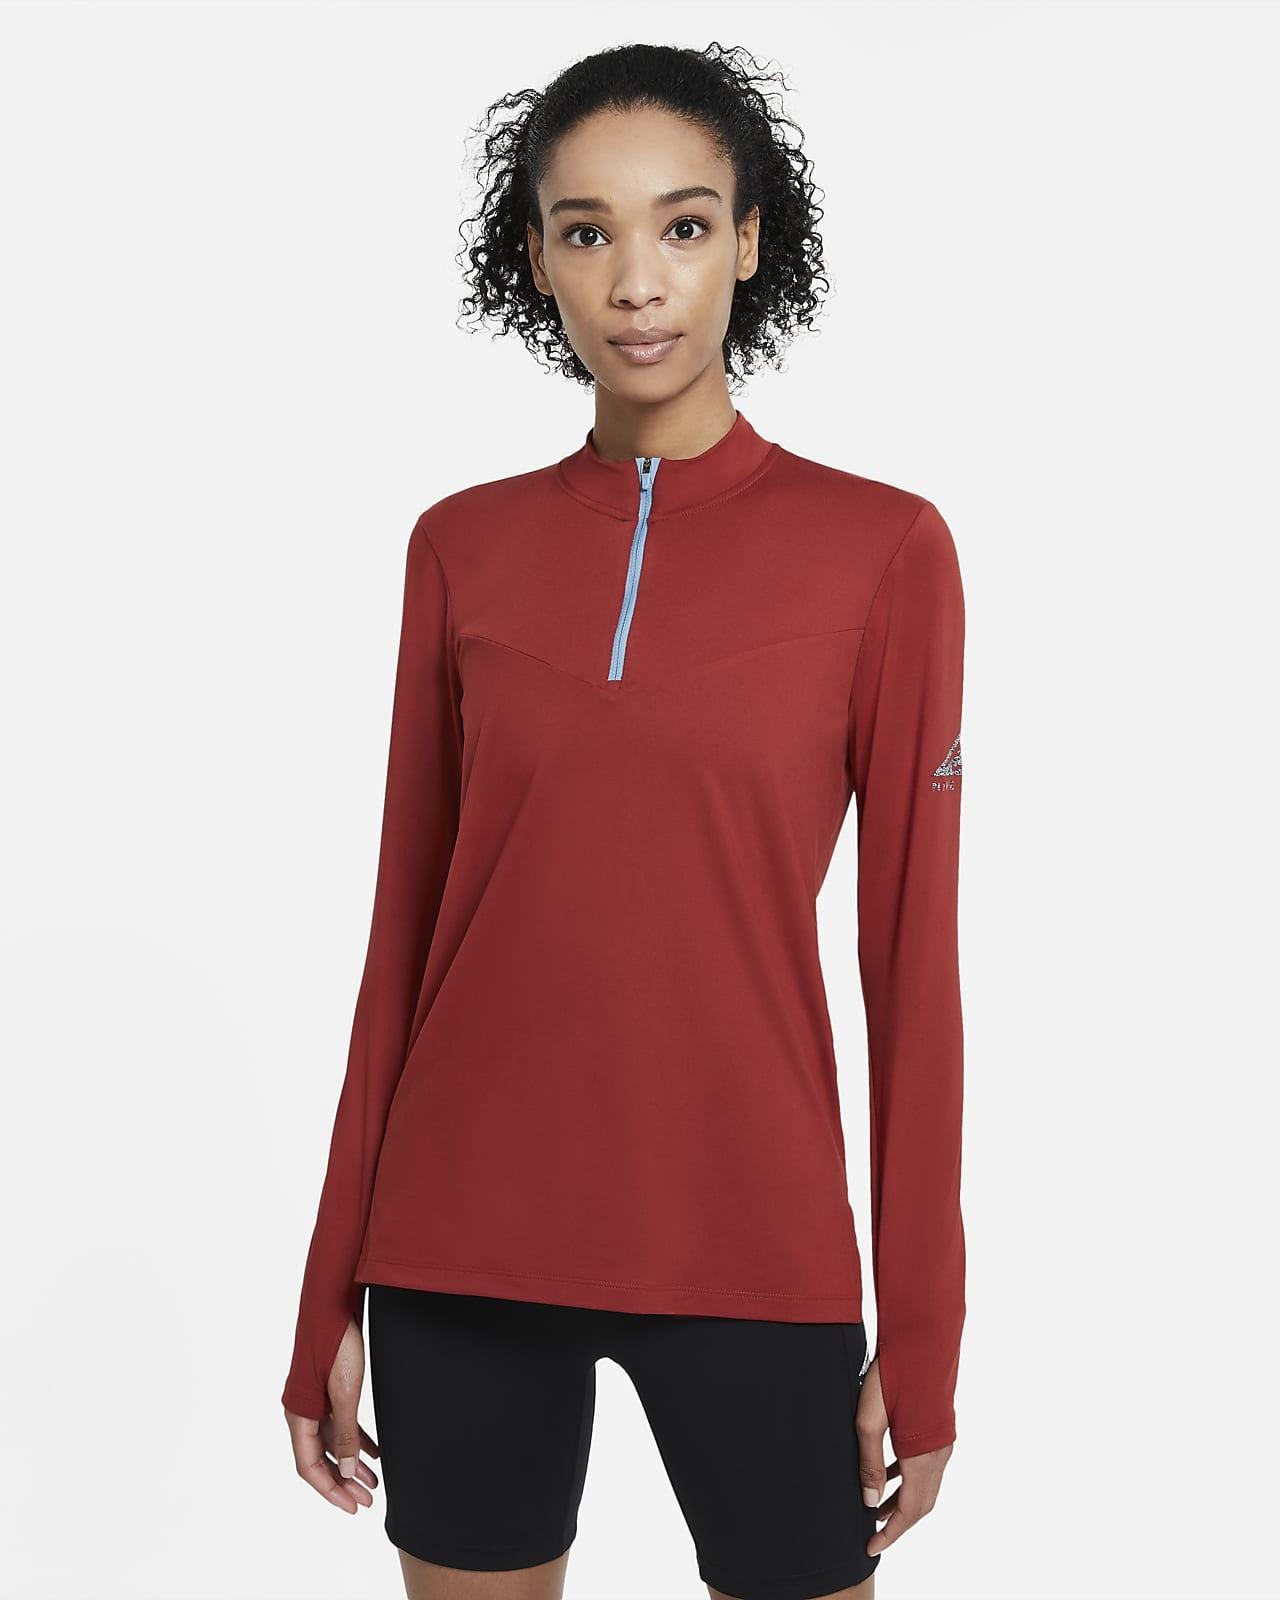 Nike Women's Trail Running Midlayer